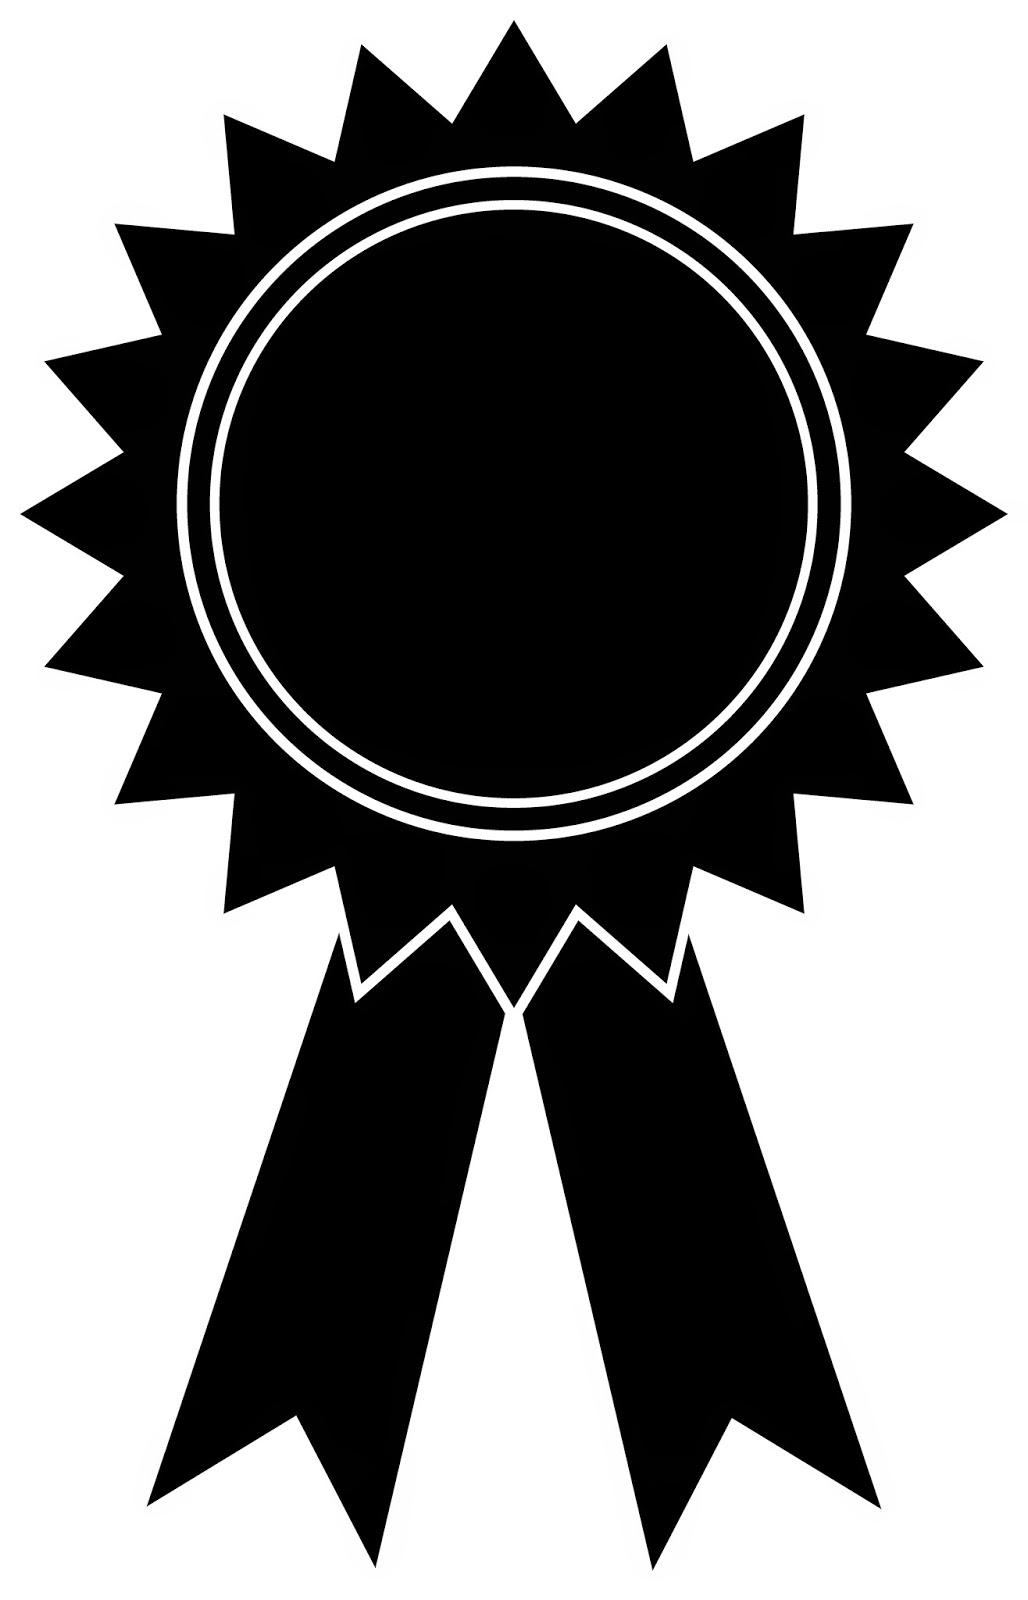 Award Ribbon Png Black And White - Award Ribbon Clipart Black And White · Award Outline Cliparts, Transparent background PNG HD thumbnail